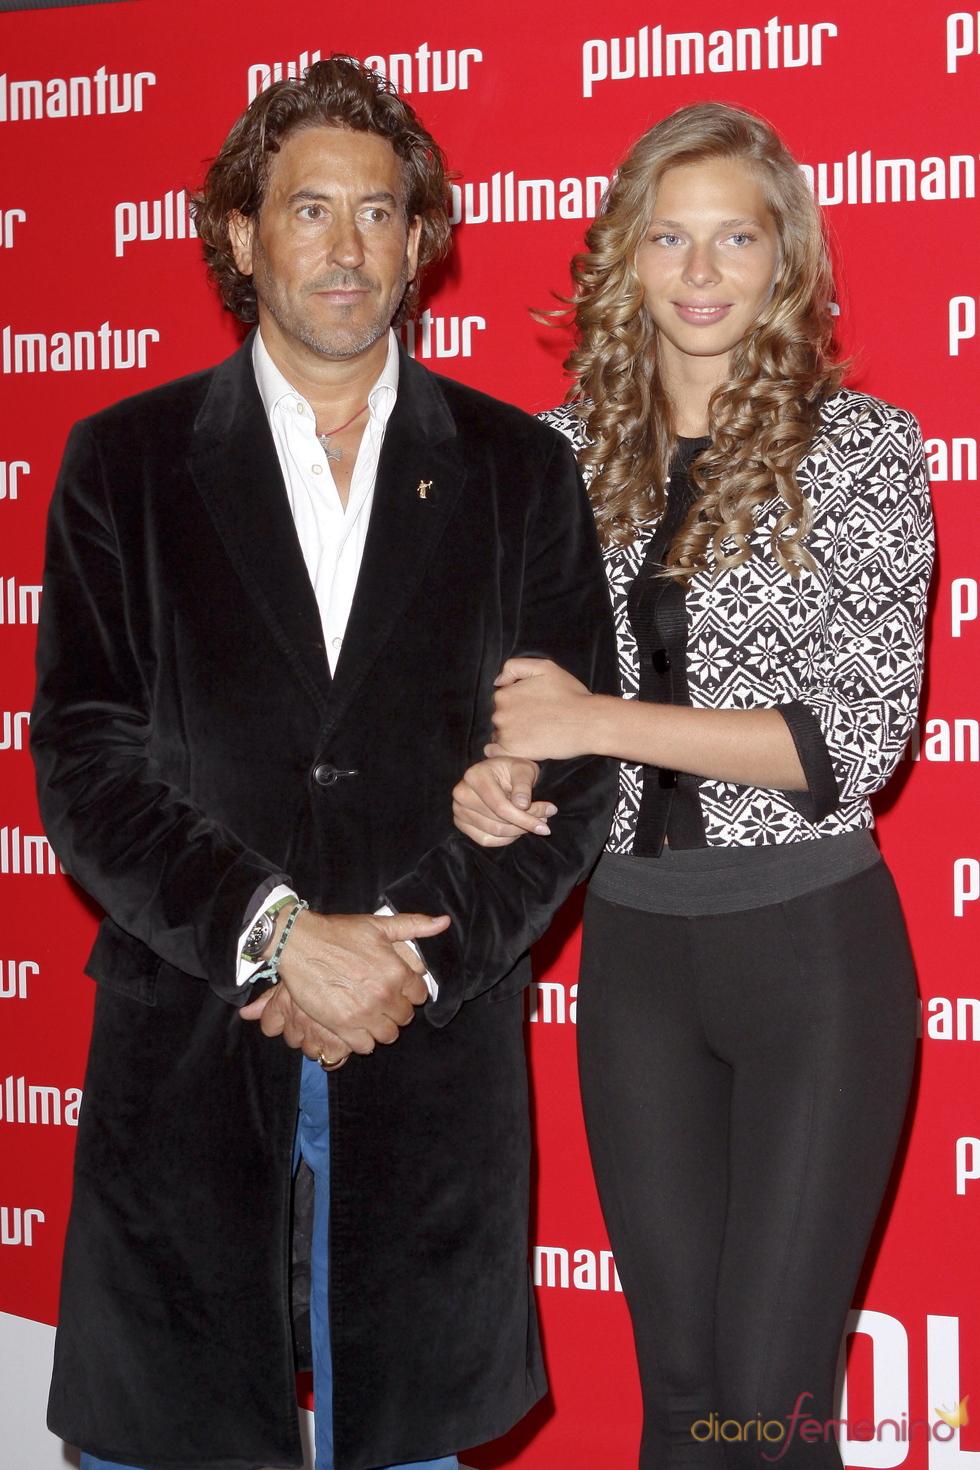 Álvaro de Marichalar y Ekaterina Anikieva en la fiesta 'Pullmantur'